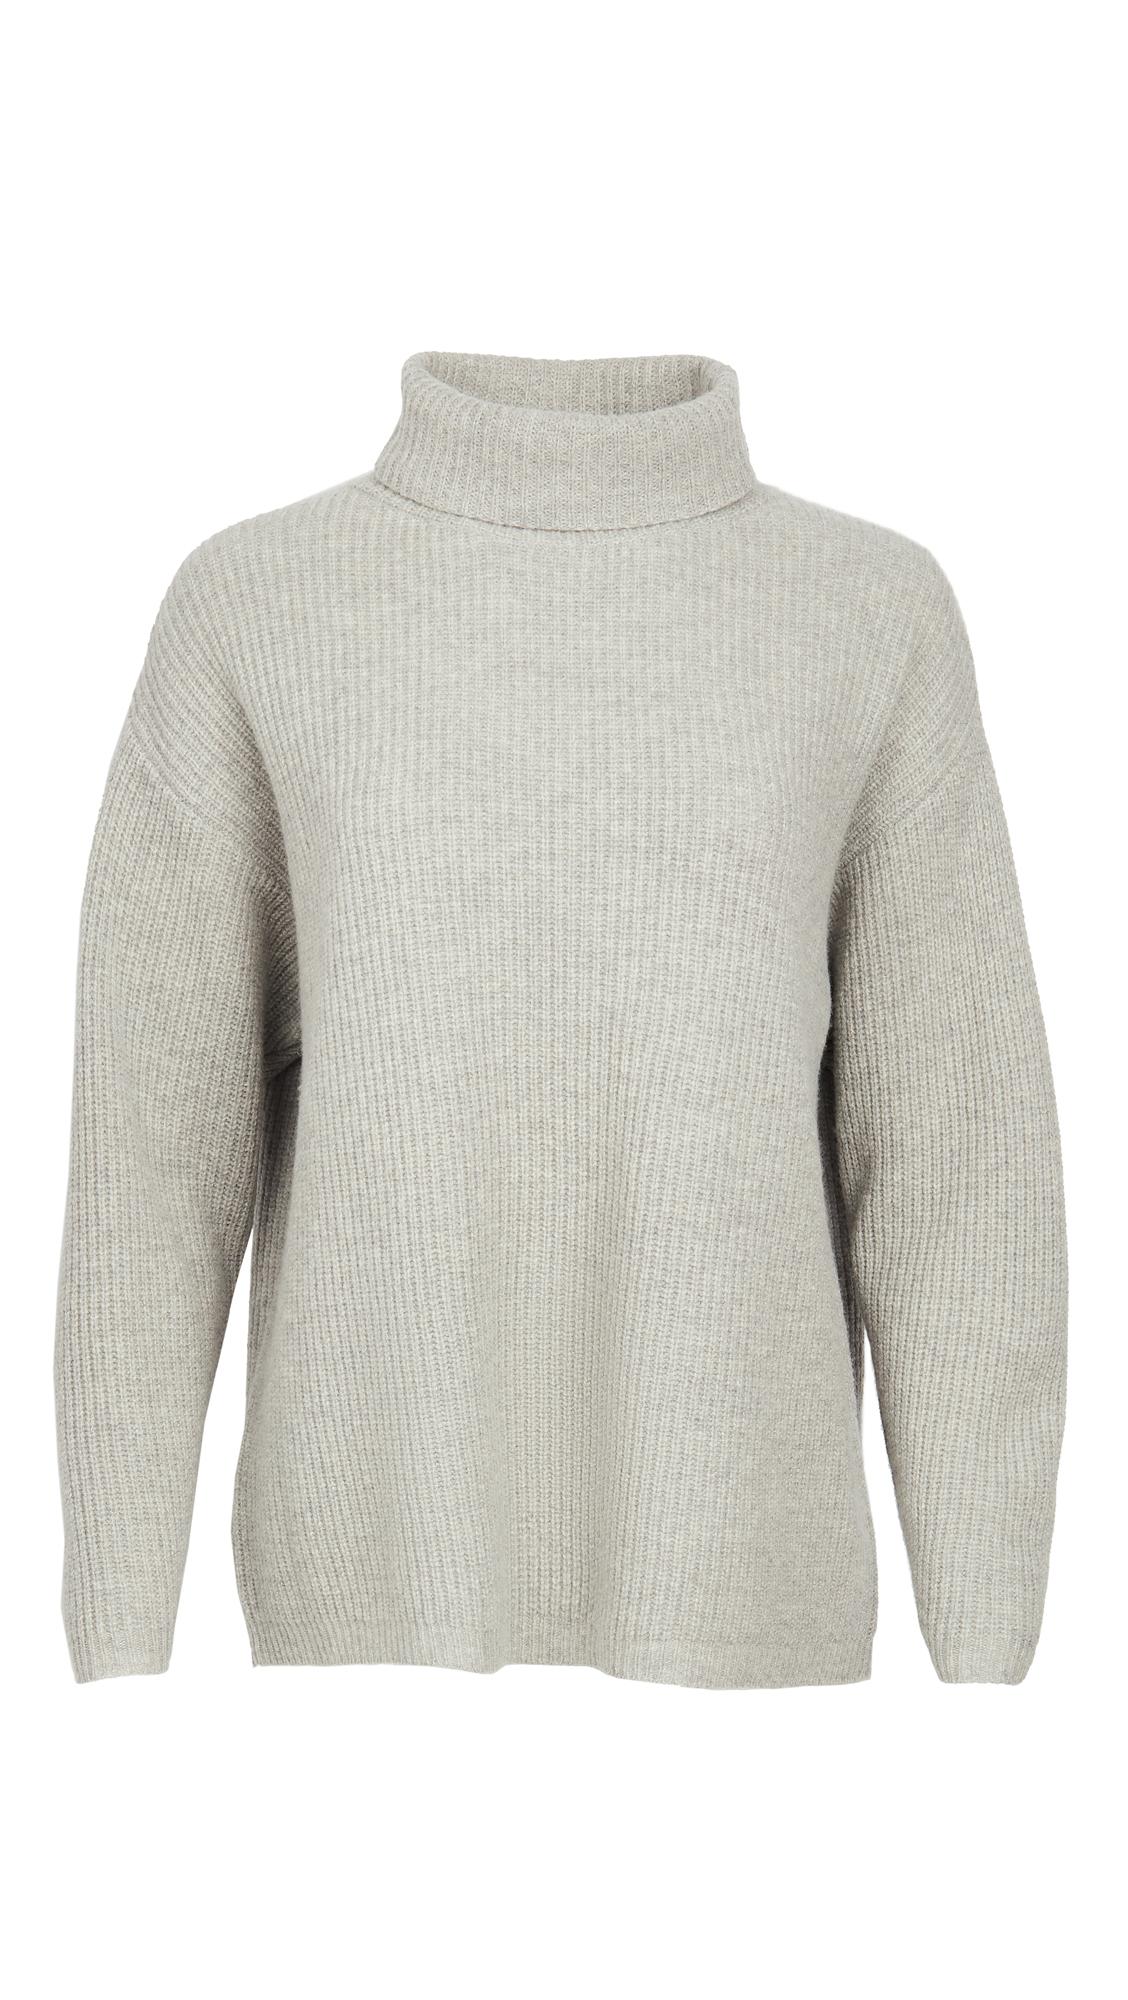 DEMYLEE Crissie Sweater